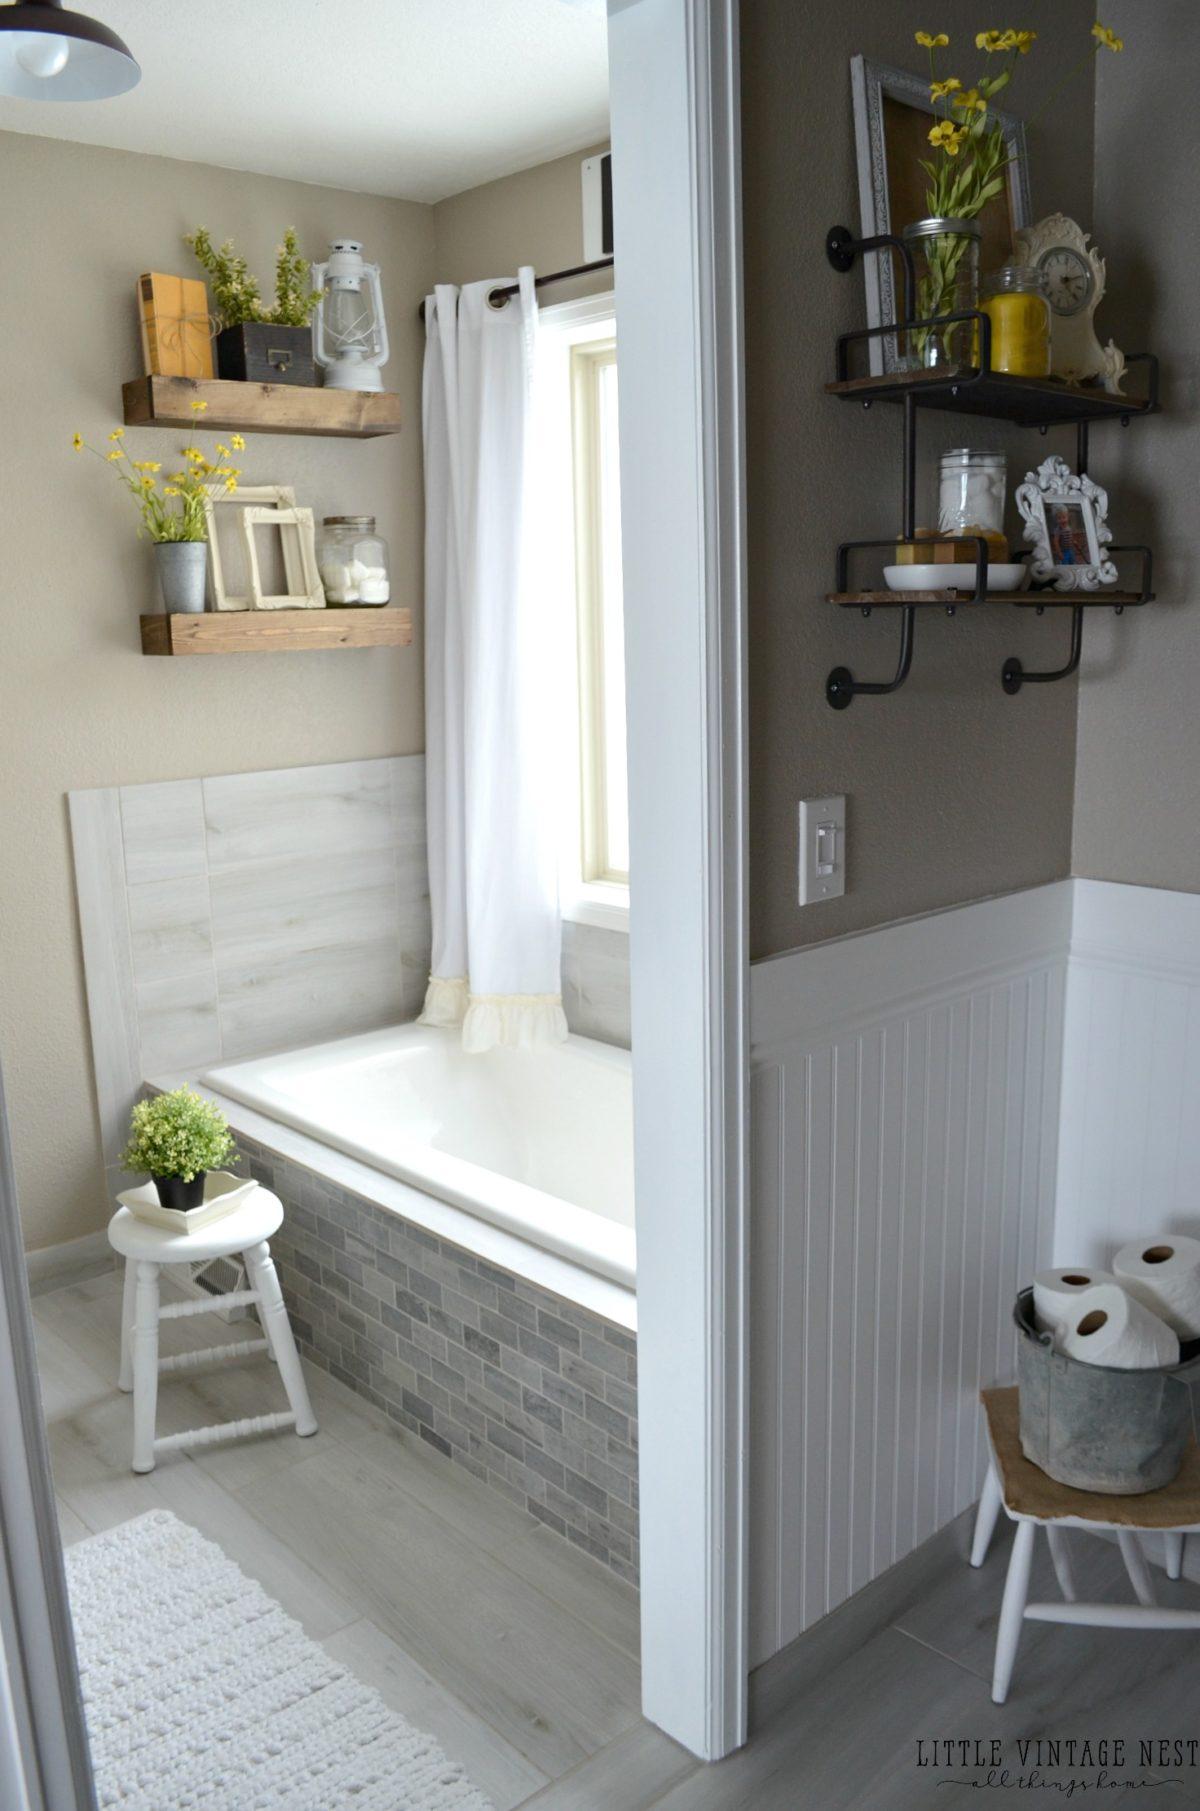 Farmhouse Master Bathroom Reveal - Little Vintage Nest on Farmhouse Bathroom  id=55500